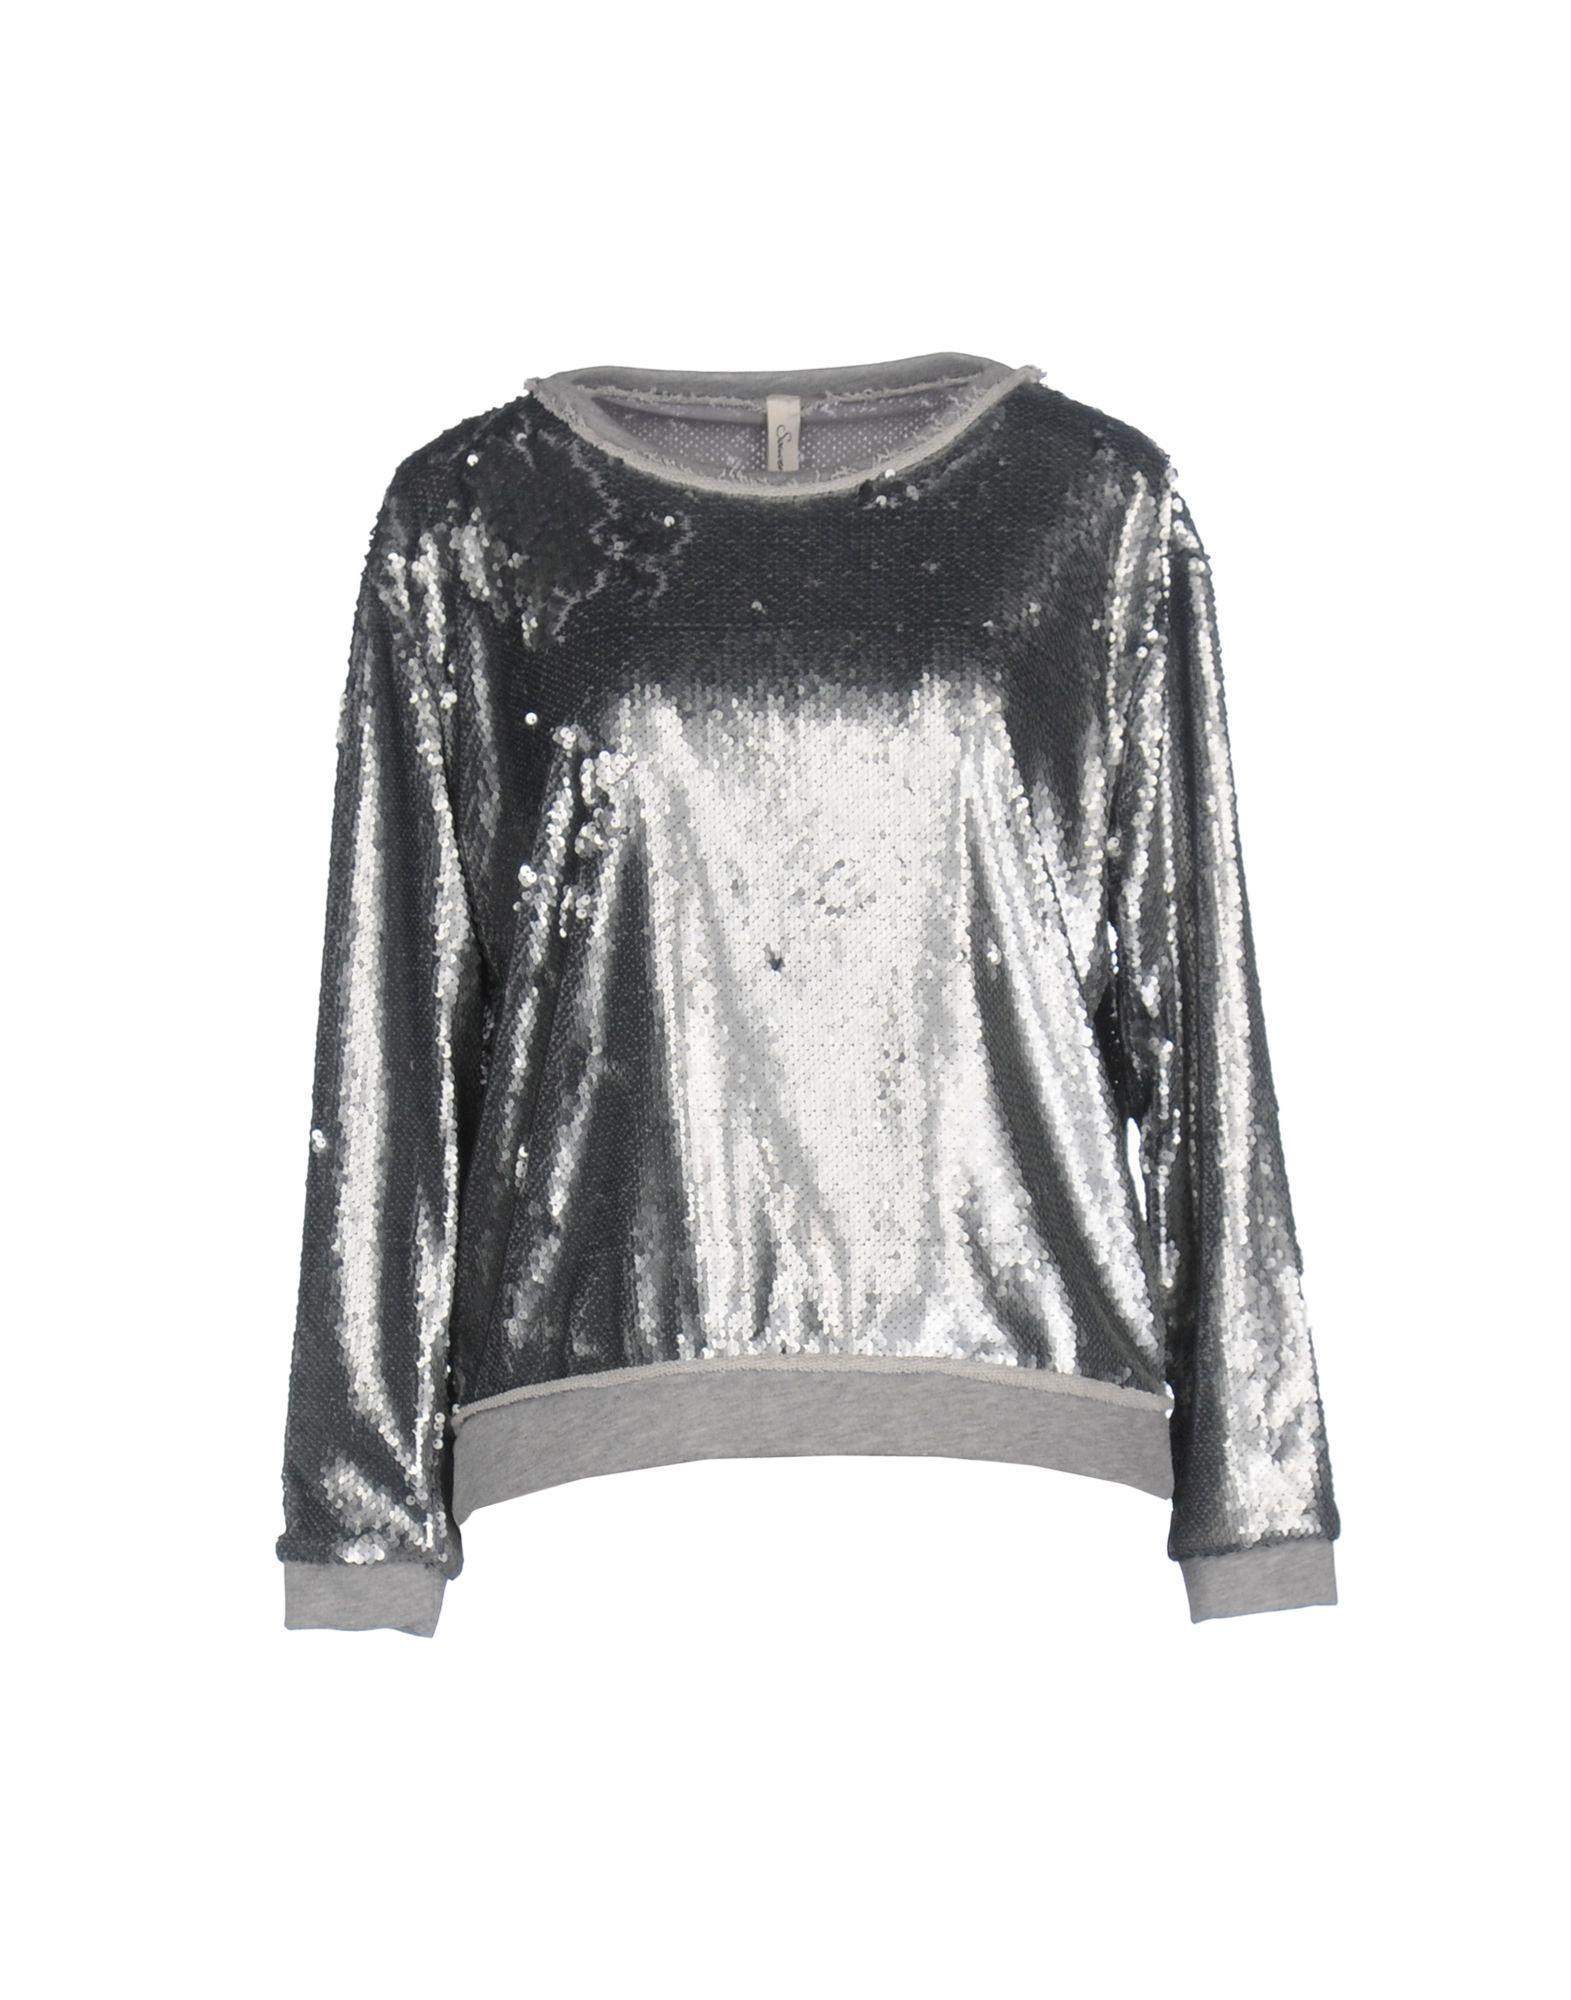 SOUVENIR Damen Sweatshirt Farbe Silber Größe 5 jetztbilligerkaufen